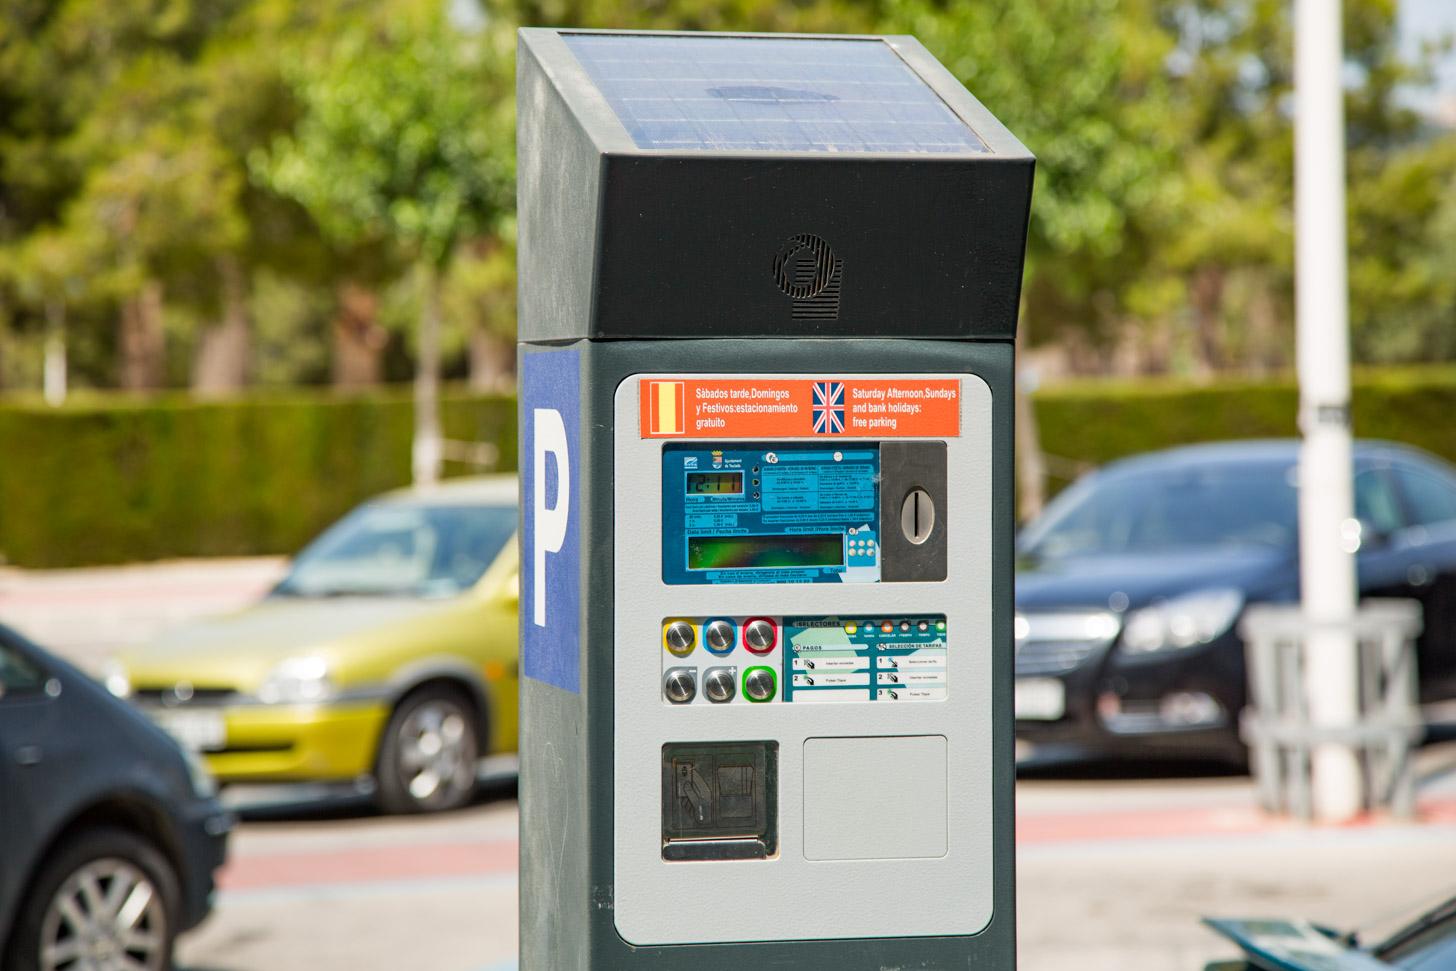 parkeren in Moraira kost geld